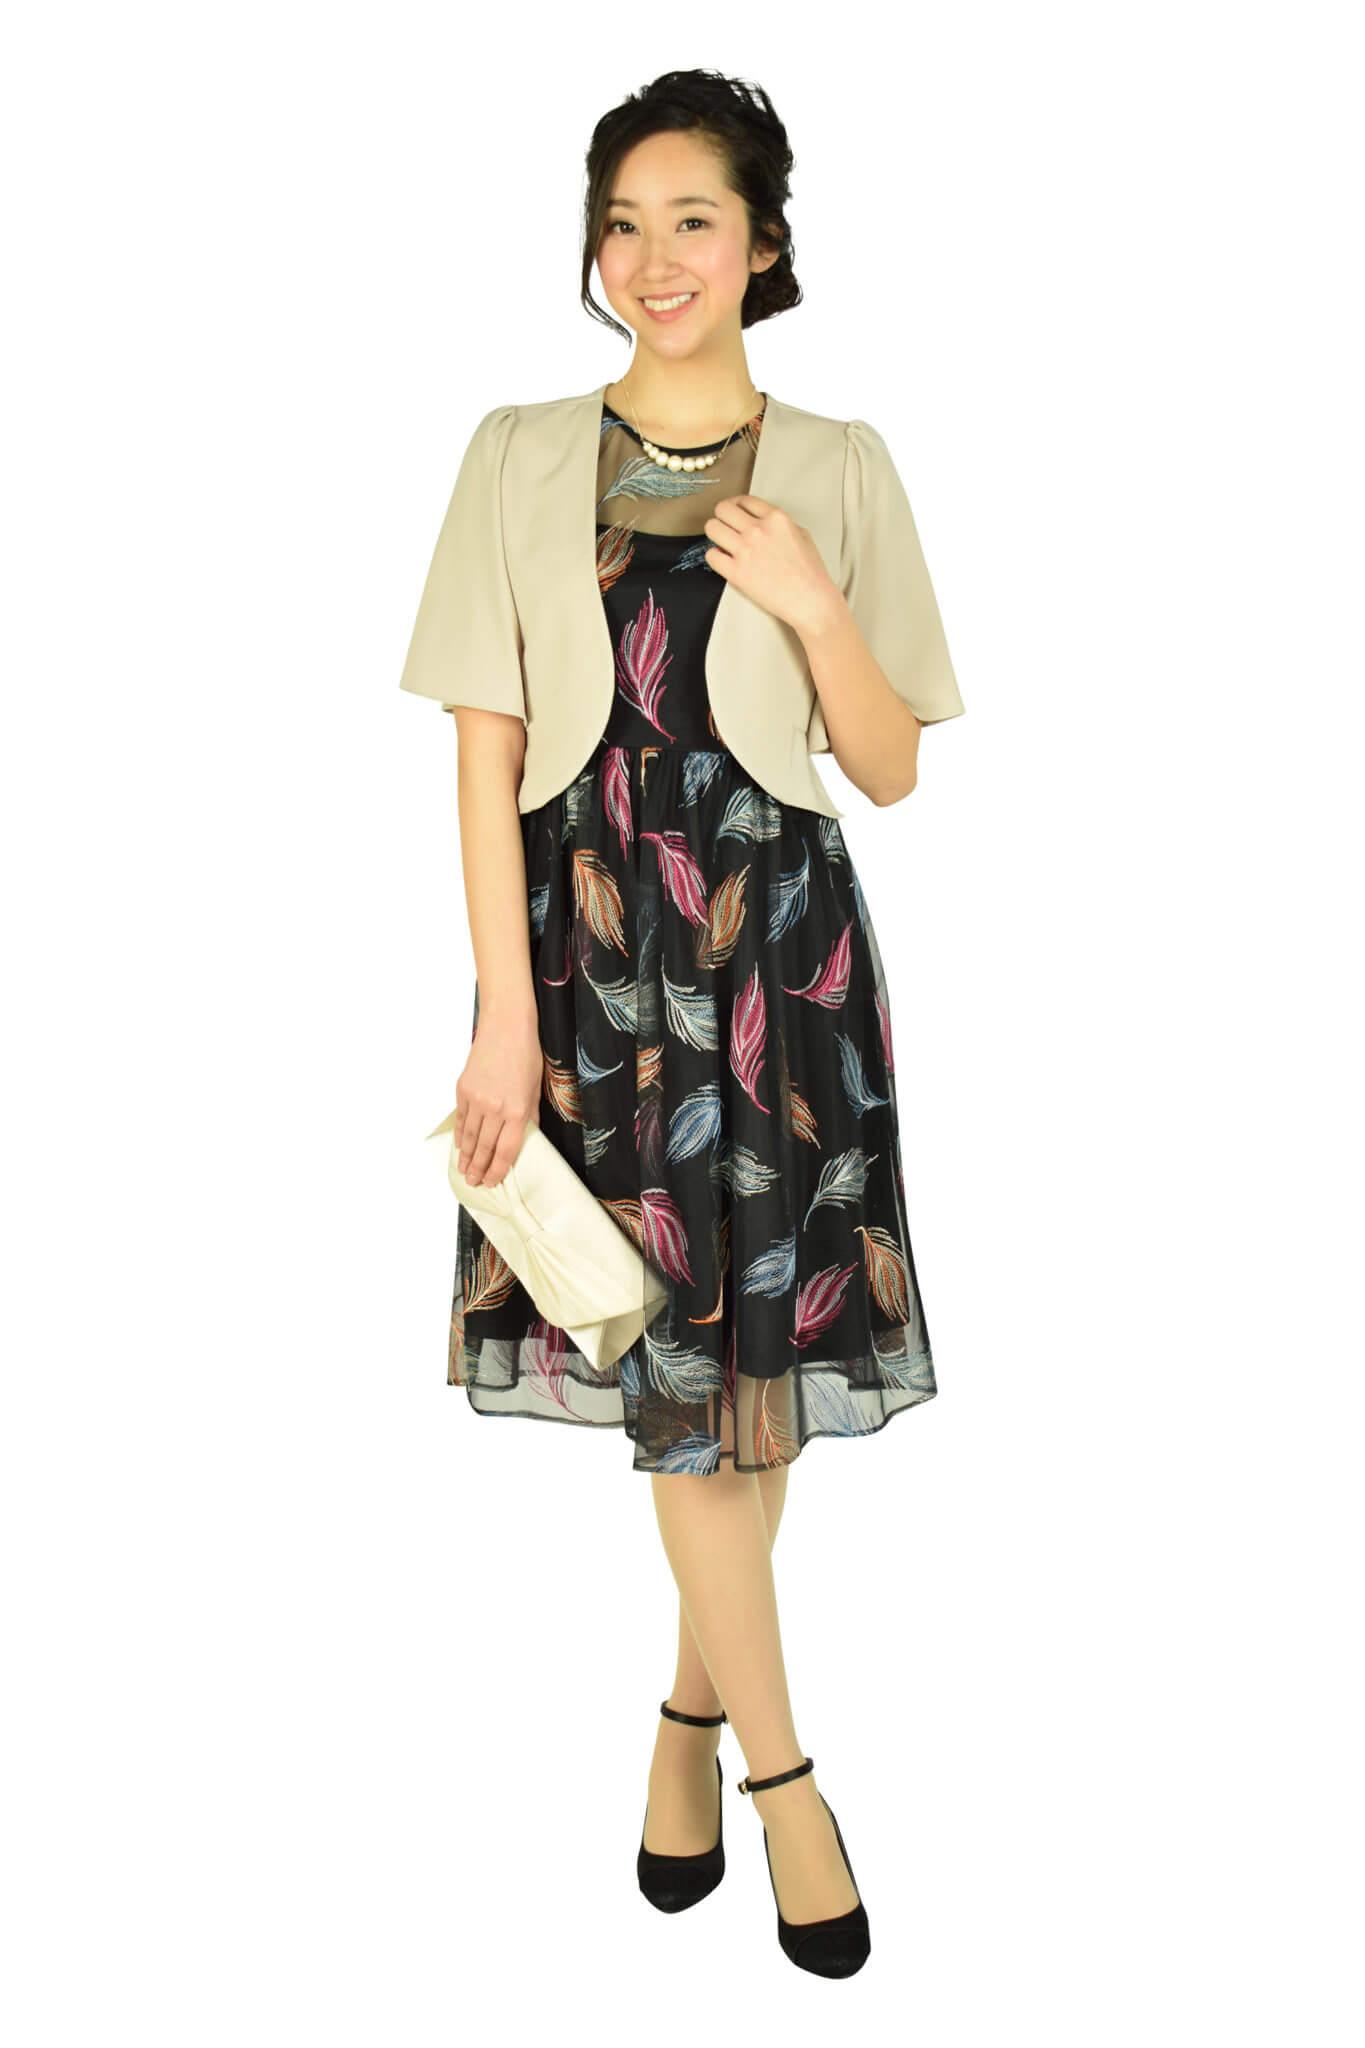 カルバンクライン (Calvin Klein)マルチ羽刺繍ブラックドレス